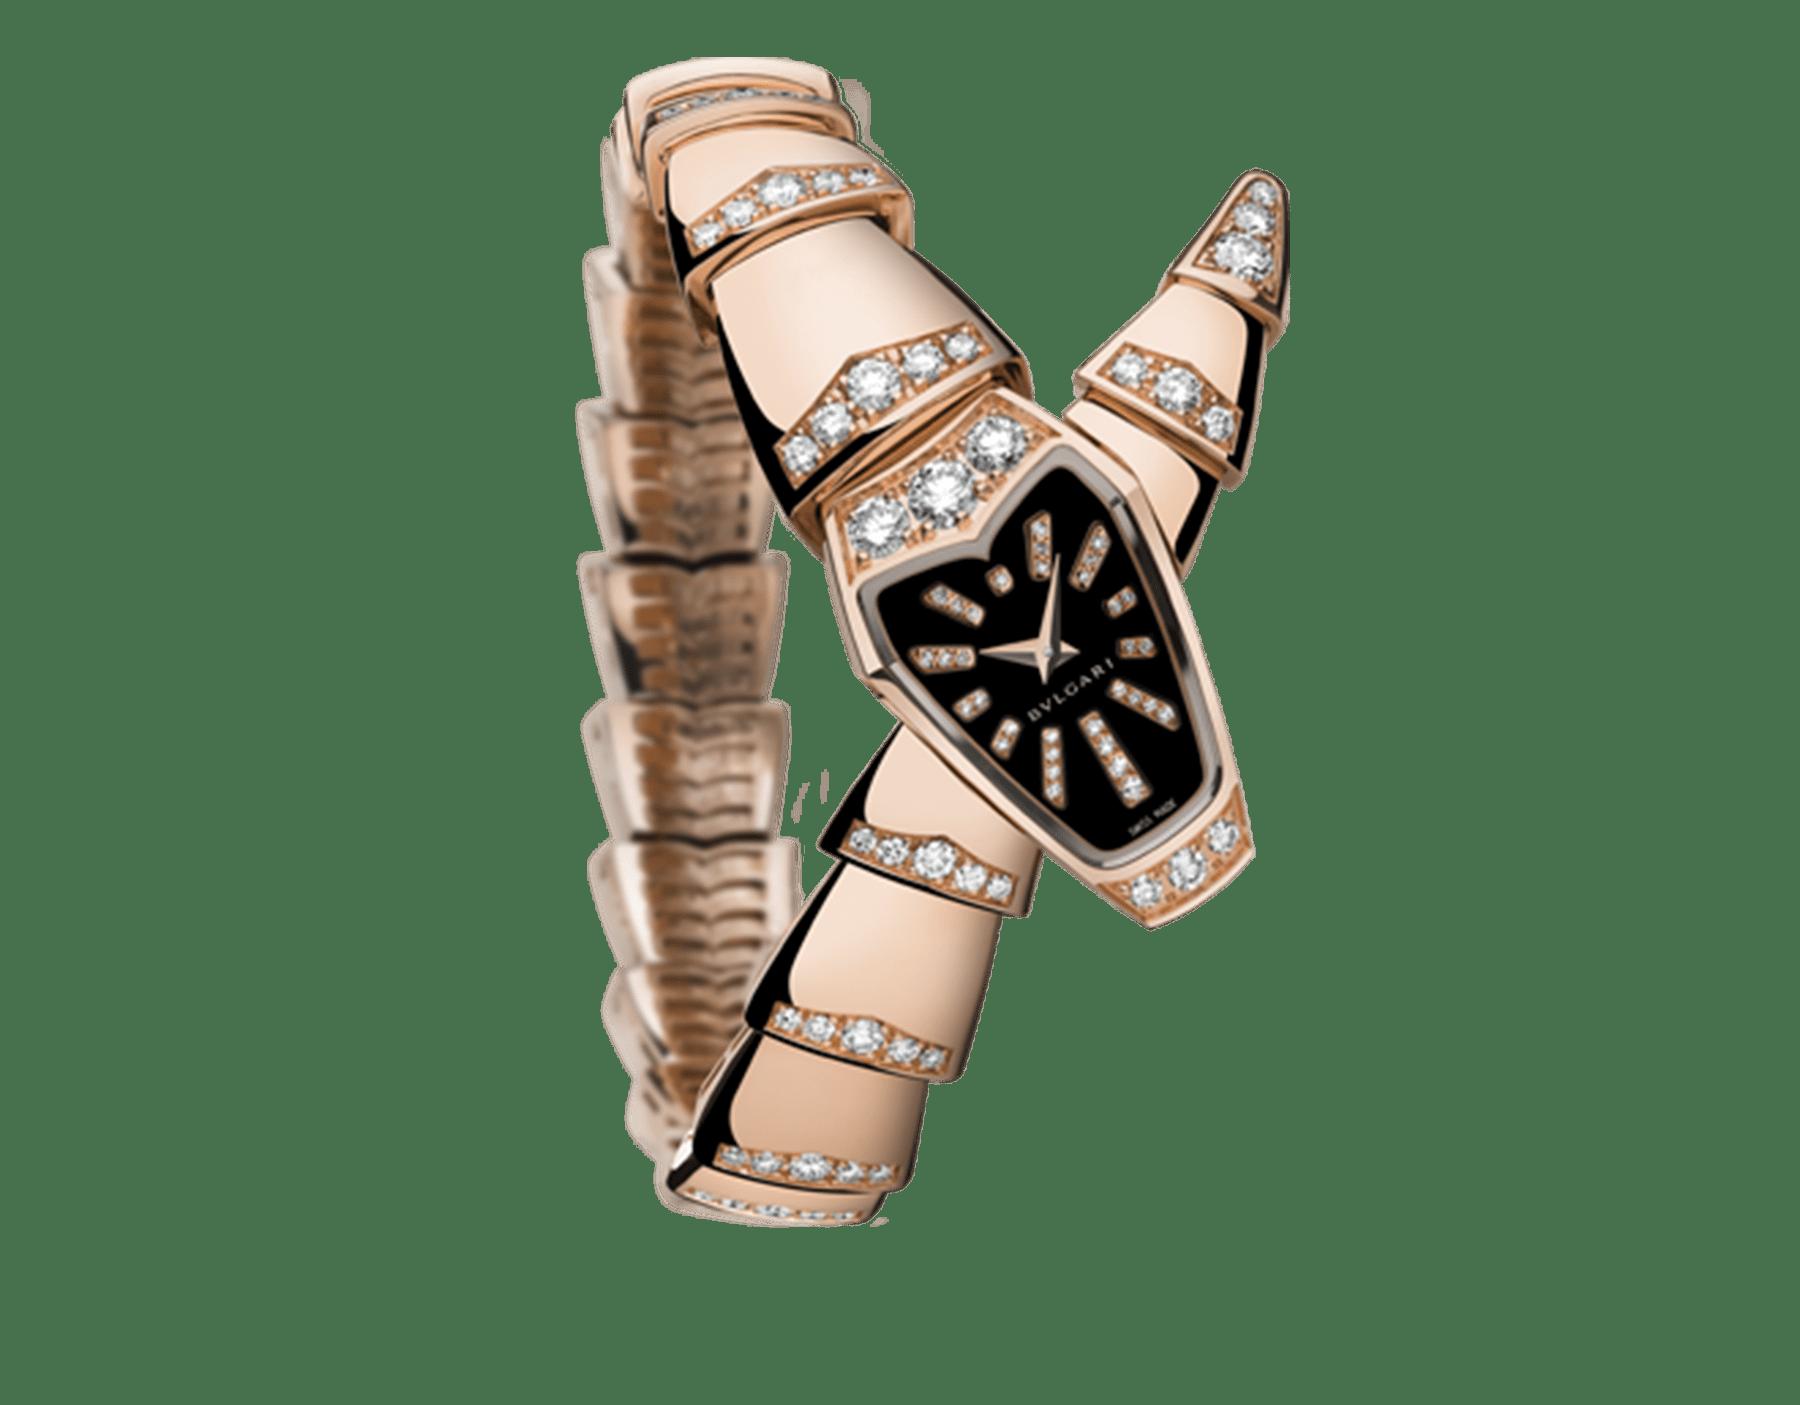 Reloj joya Serpenti con caja y brazalete de una vuelta en oro rosa de 18qt, ambos con diamantes talla brillante engastados, esfera de cristal de zafiro negro y diamantes talla brillante engastados como índices. 102344 image 1